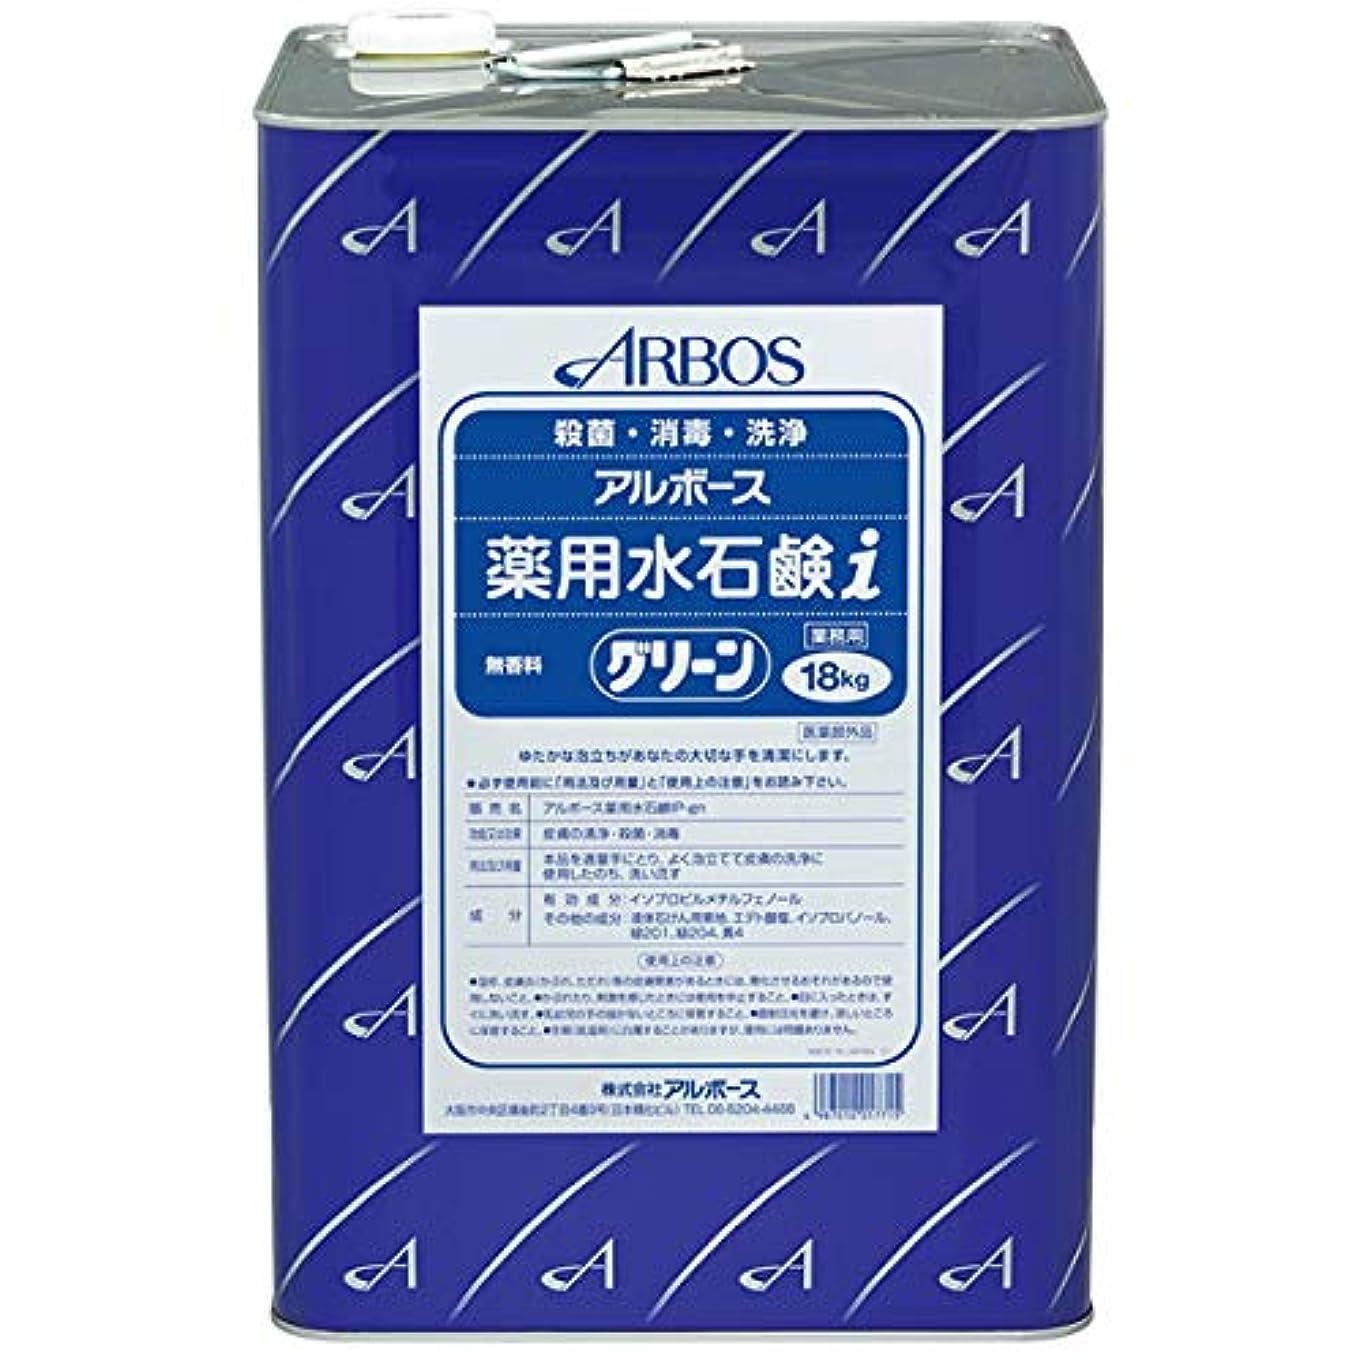 ワーカーコンプライアンス株式会社【清潔キレイ館】アルボース薬用水石鹸グリーンi(18L)